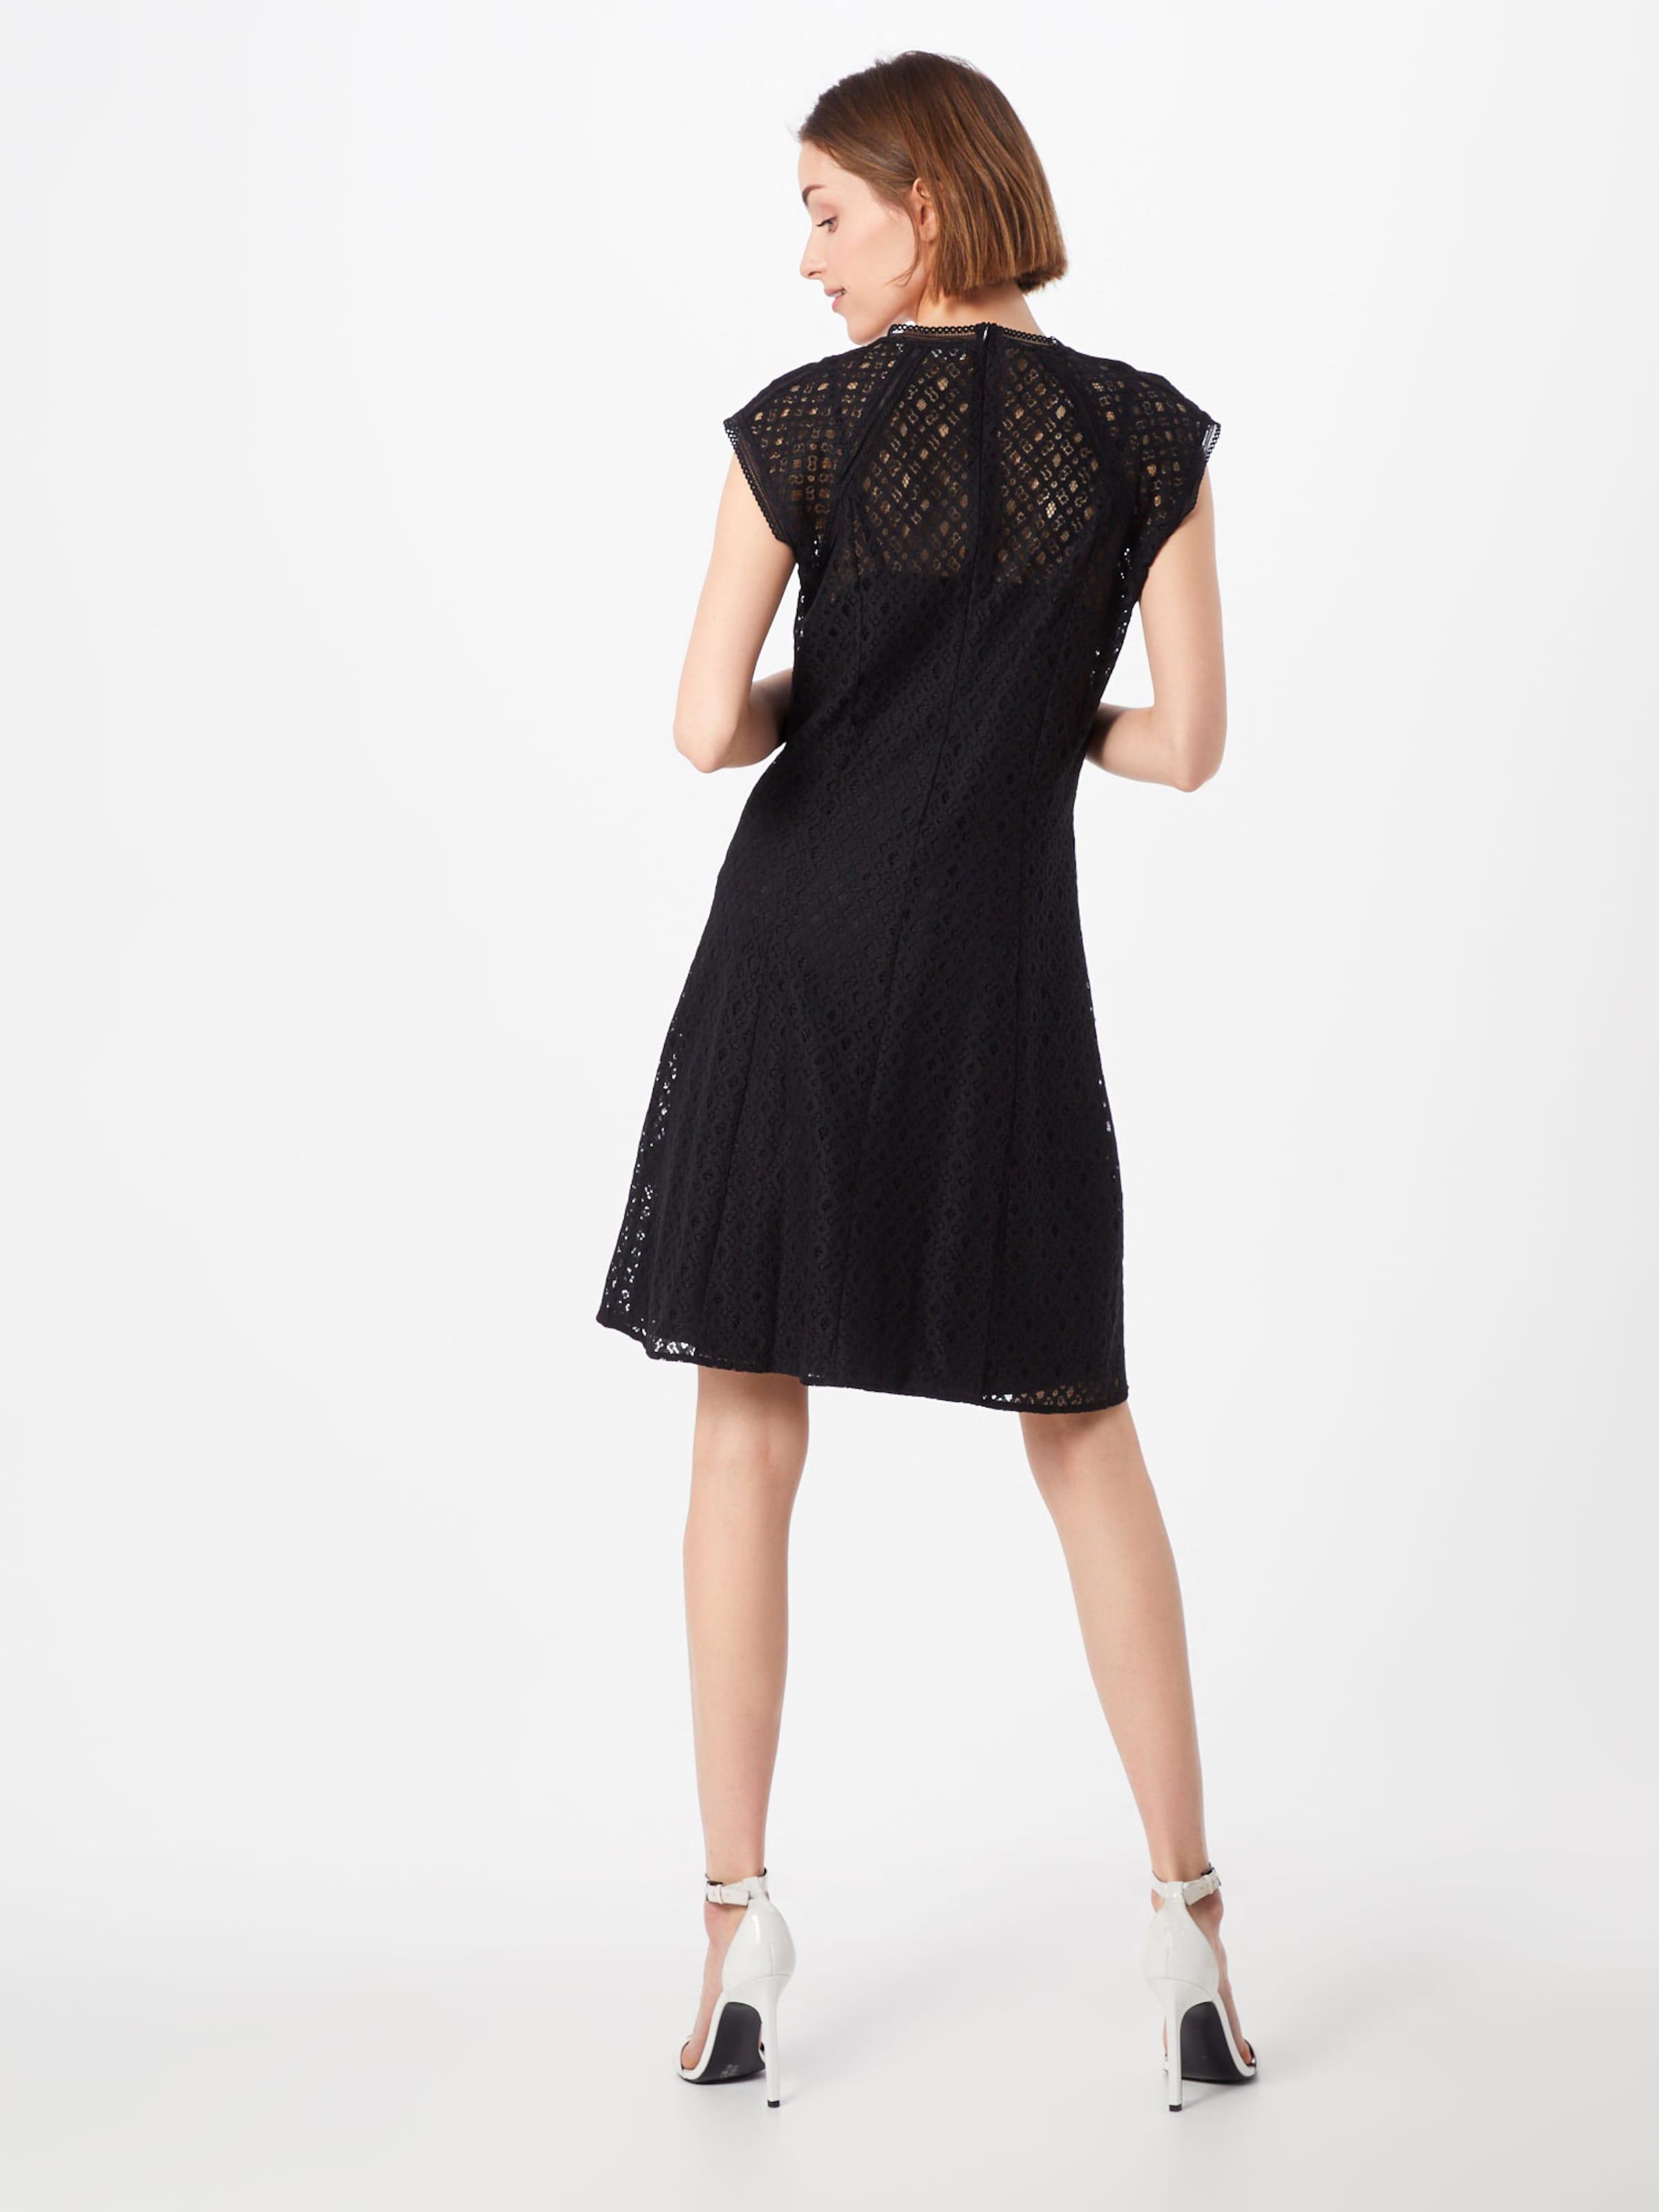 'dress Noir Rosemunde De En Robe Ss' Cocktail 3jq54LAR